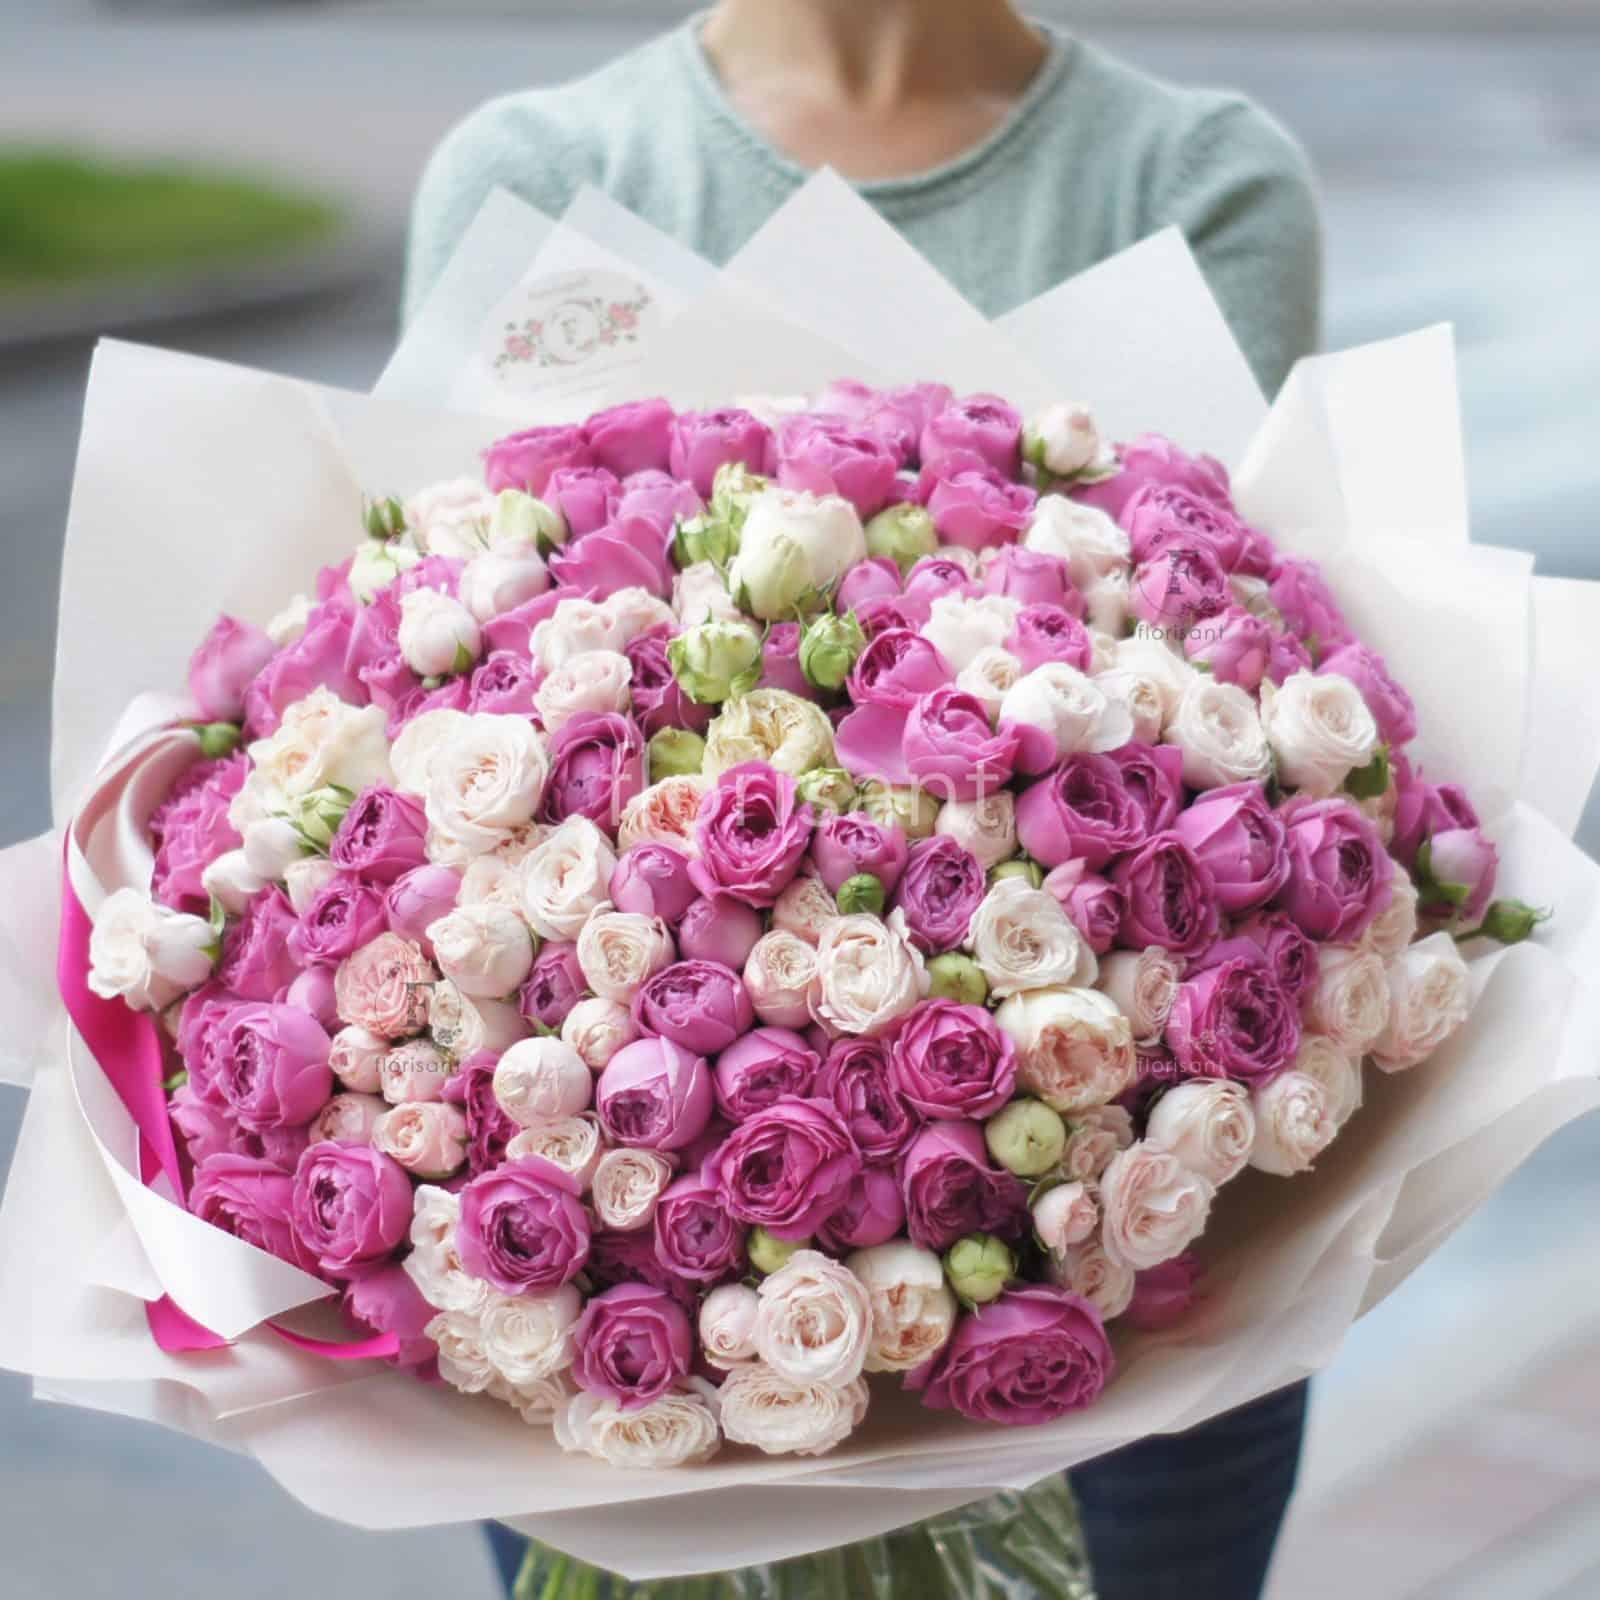 Букет из двух сортов кустовых пионовидных роз № 11-016 - Florisant